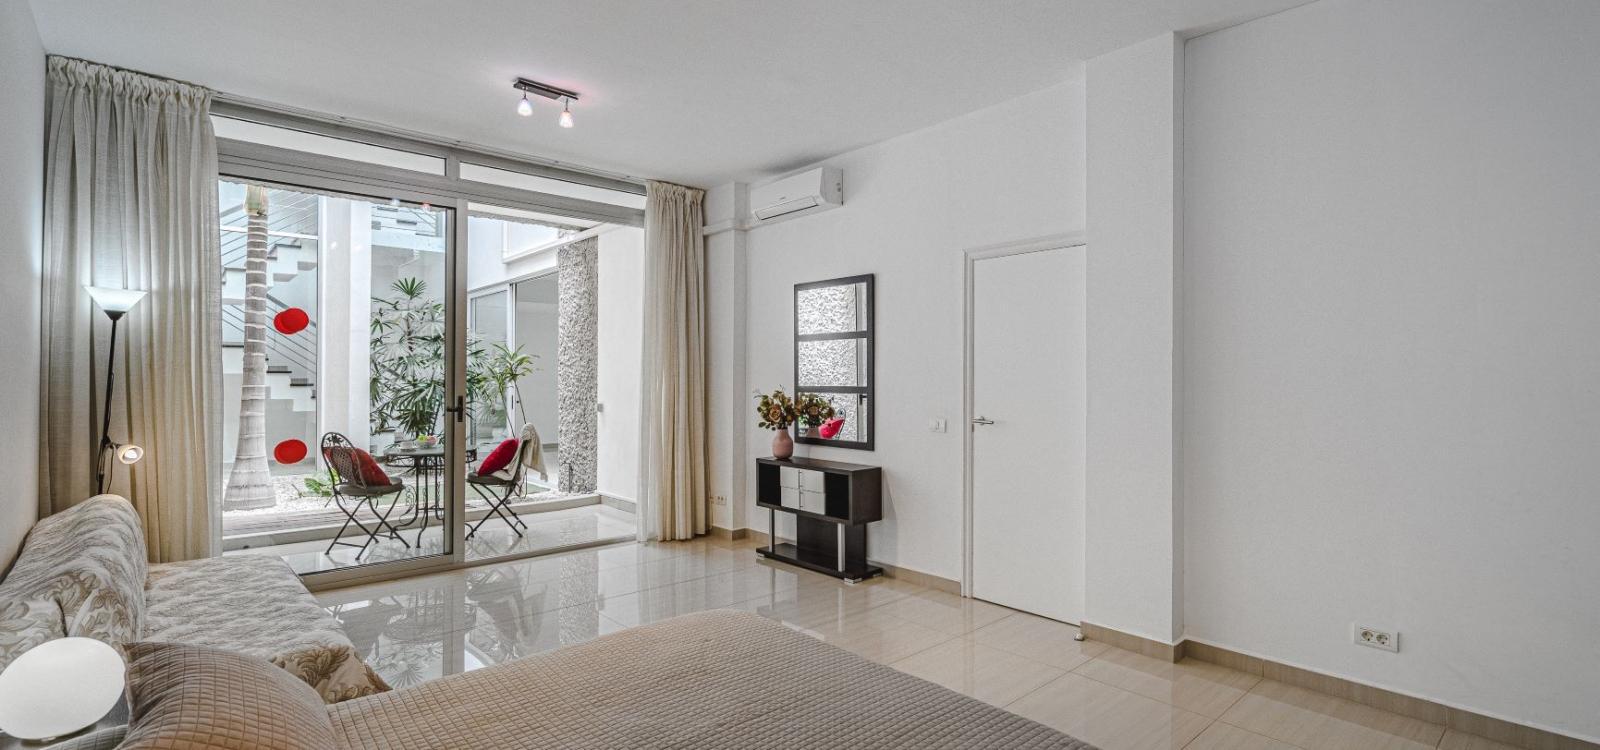 Lux Villa 30 (with 5 Bedrooms, 4 Bathrooms)